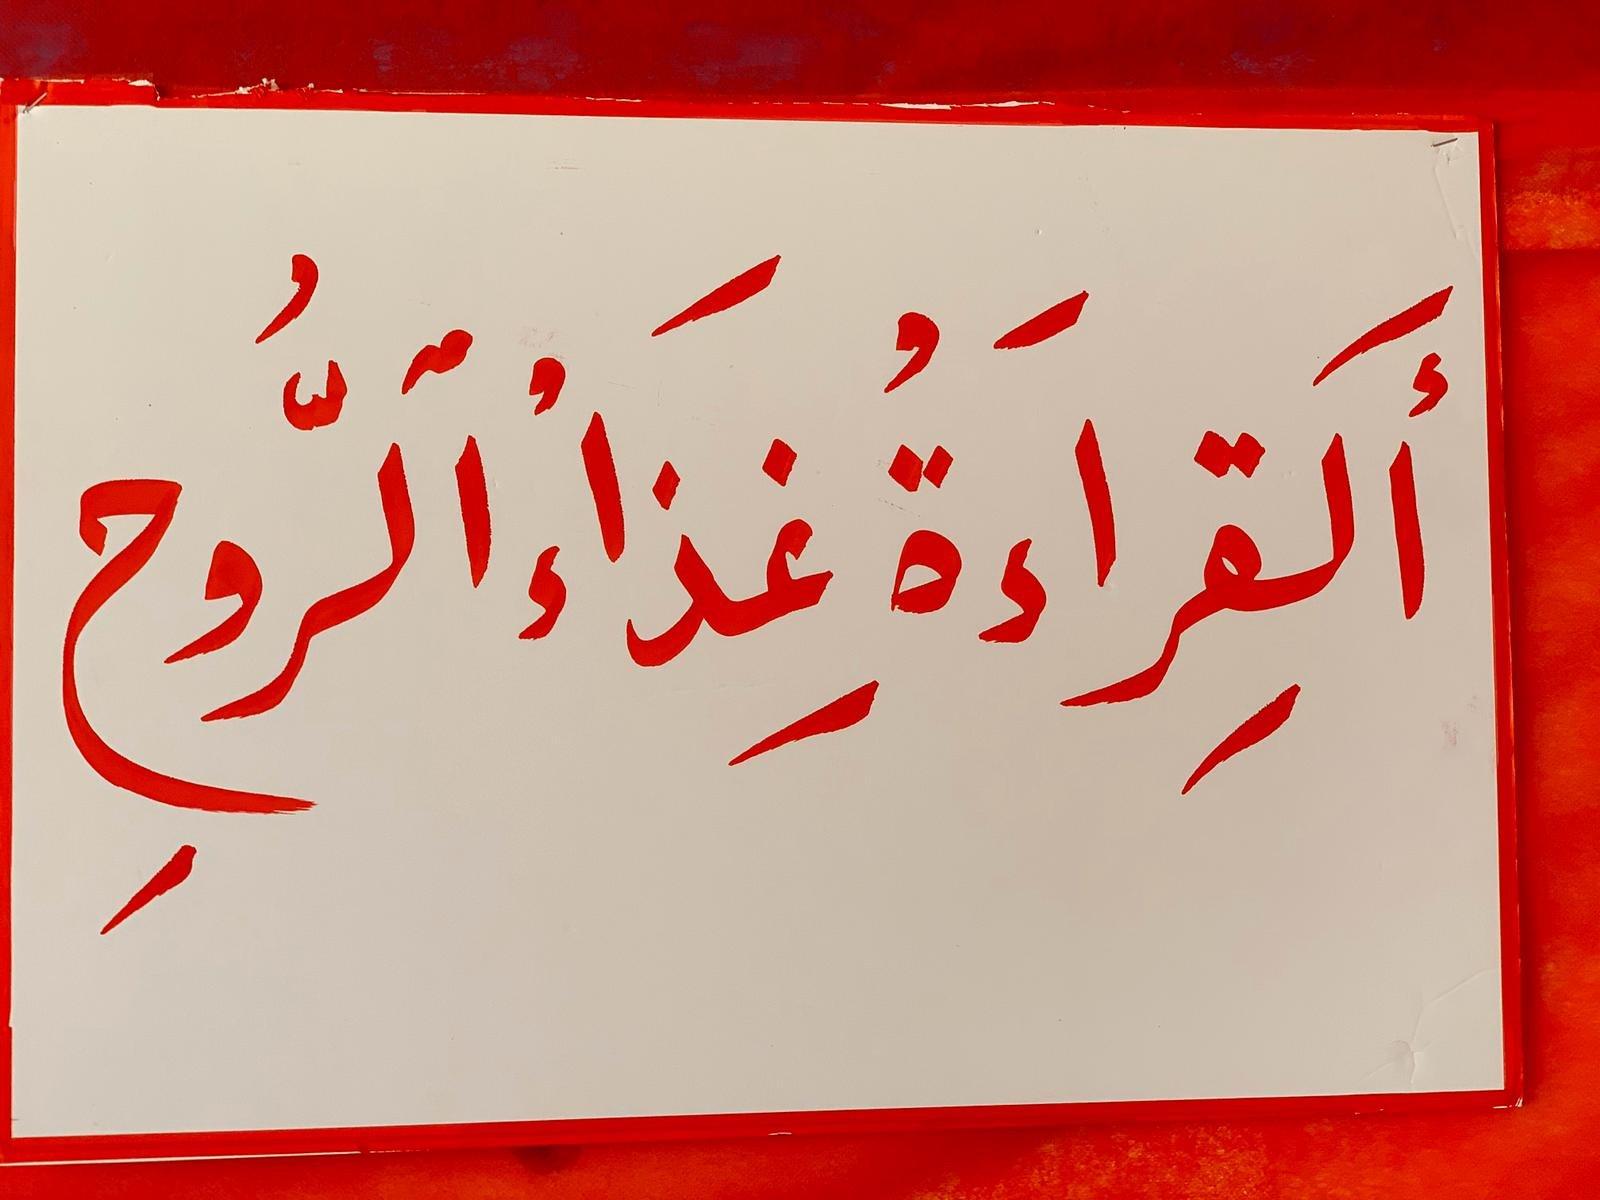 رهط: فعالية مدرسية ليوم اللغة العربية في مدرسة النور